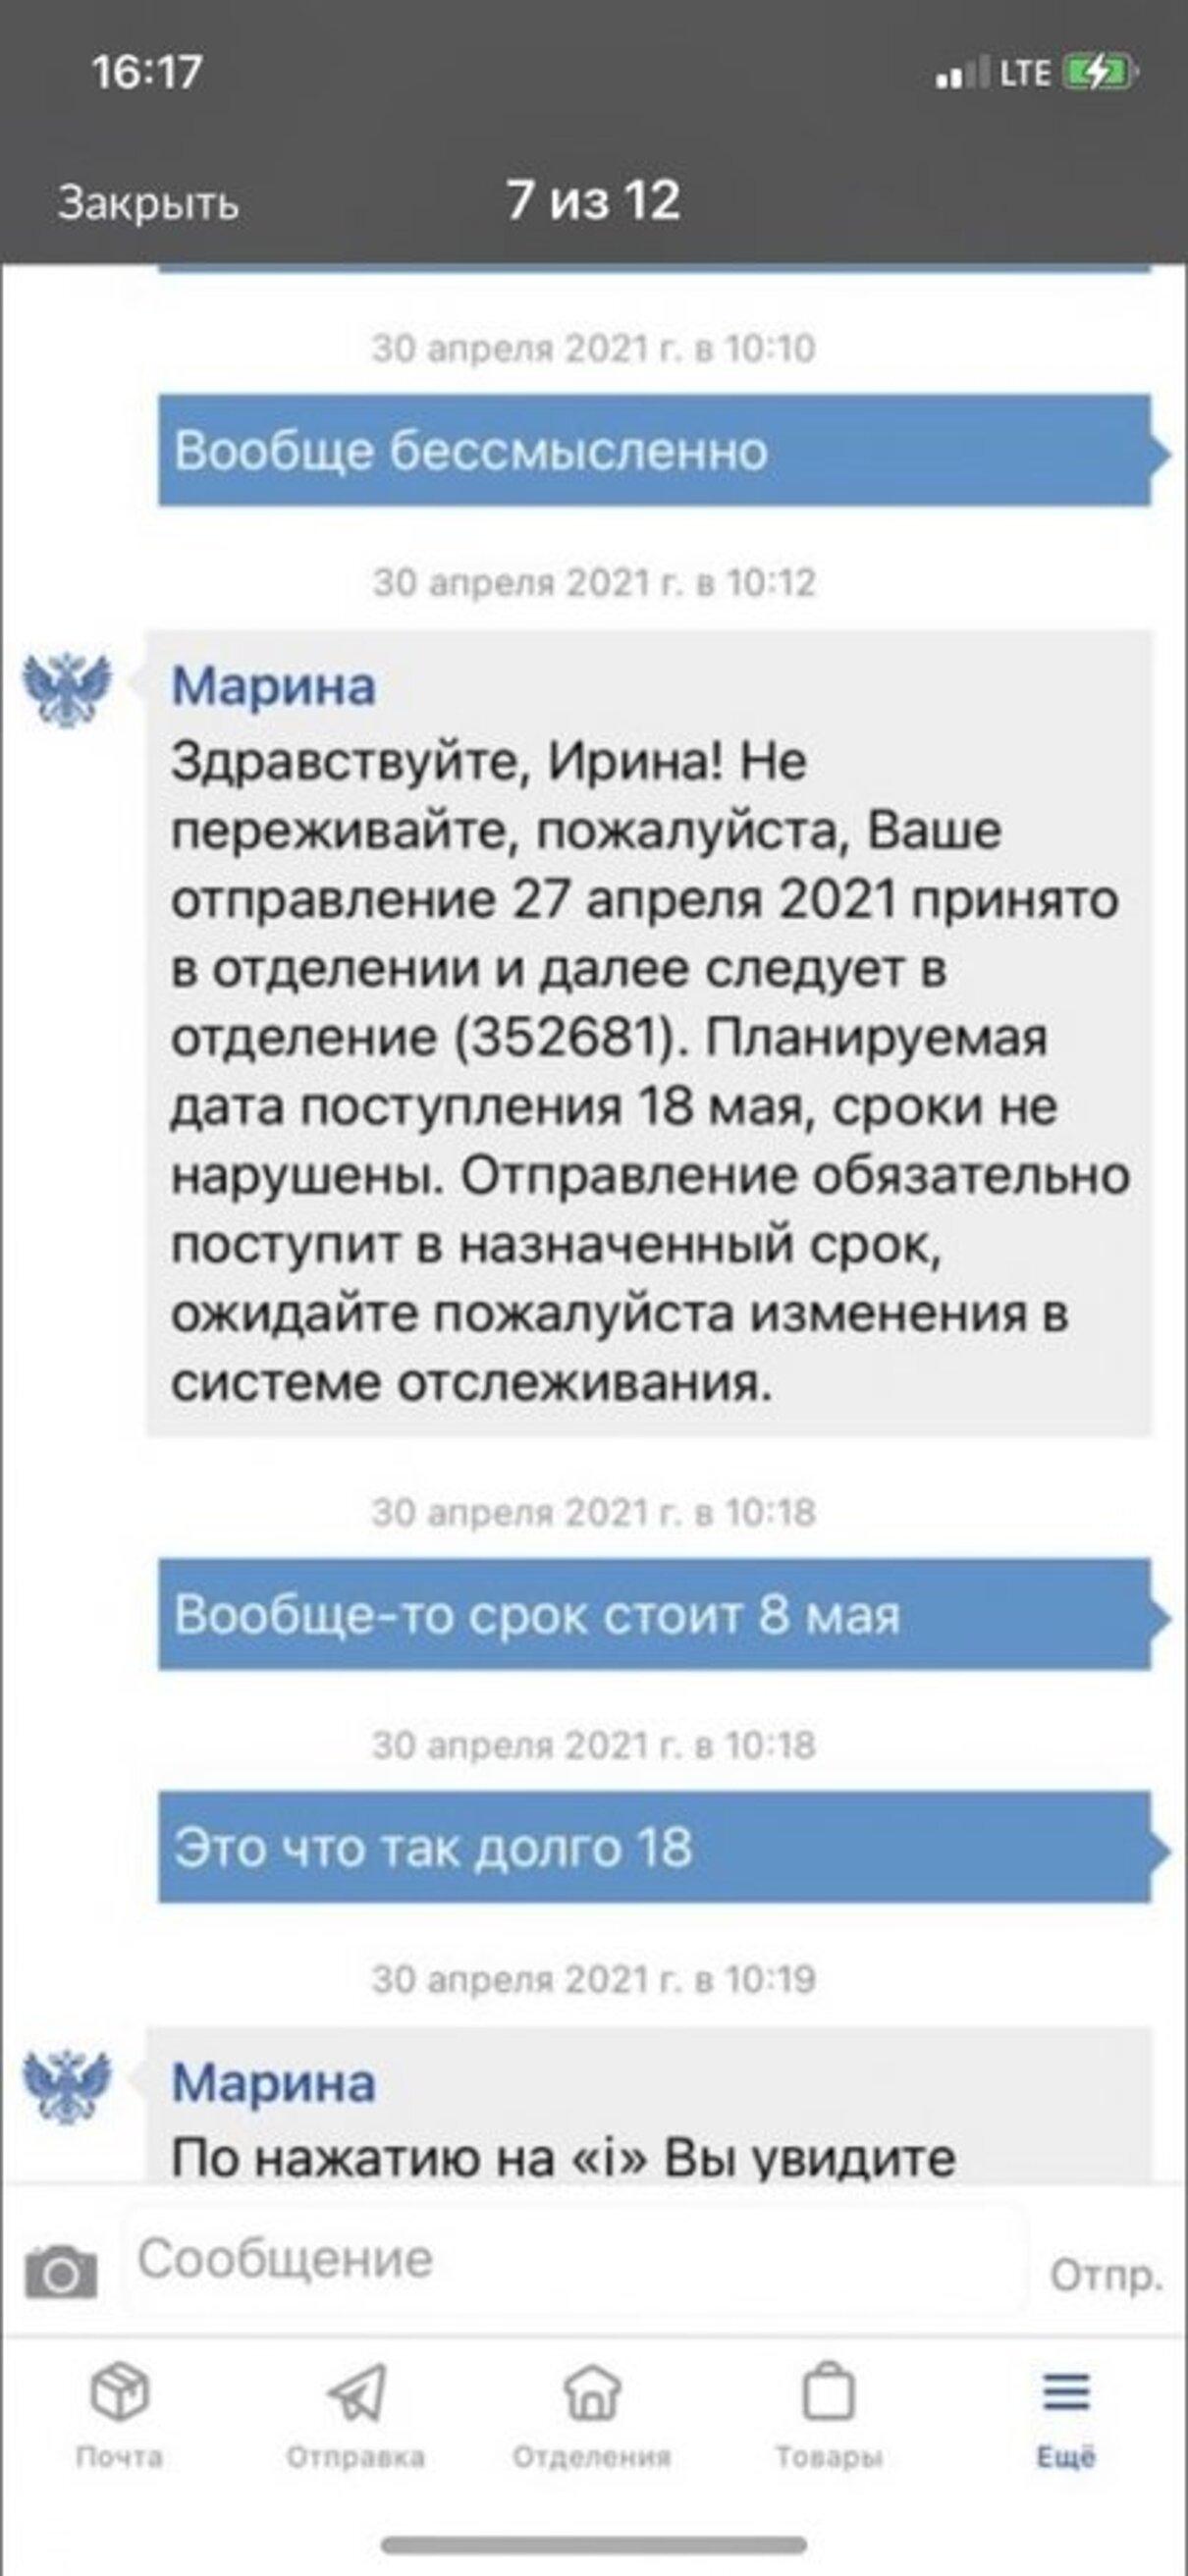 Жалоба-отзыв: Почта России - Хамское отношение.  Фото №2